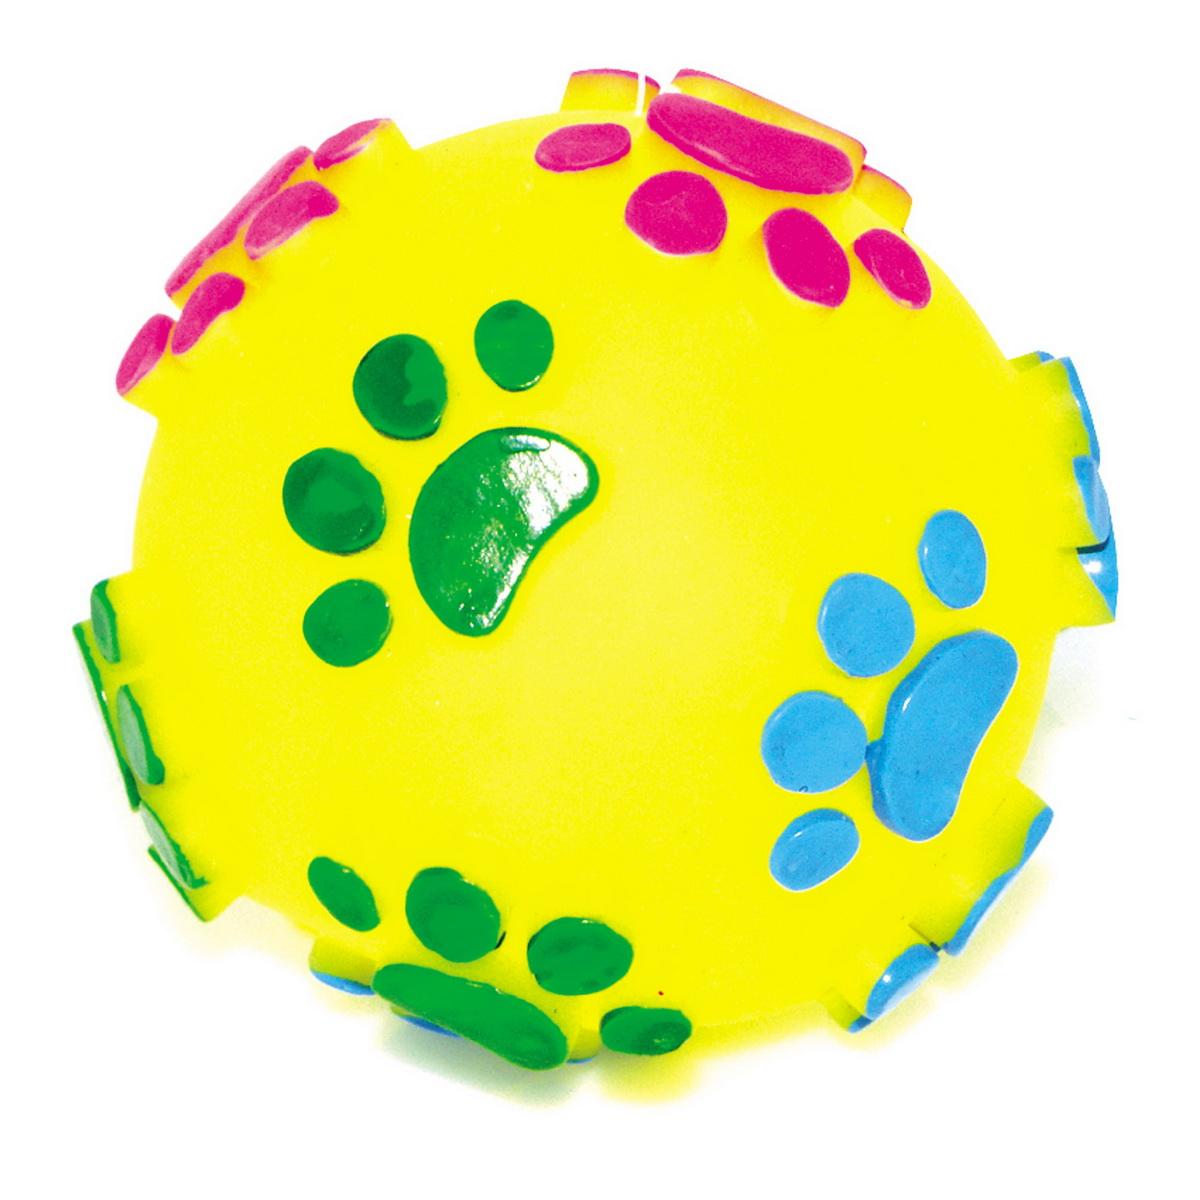 Игрушка для собак Dezzie Мяч. Большие лапы, диаметр 7,5 см5604001Игрушка для собак Dezzie Мяч. Большие лапы изготовлена из винила в виде мяча с изображением лап. Такая игрушка практична, функциональна и совершенно безопасна для здоровья животного. Ее легко мыть и дезинфицировать. Игрушка очень легкая, поэтому собаке совсем нетрудно брать ее в пасть и переносить с места на место. Игрушка для собак Dezzie Мяч. Большие лапы станет прекрасным подарком для неугомонного четвероногого питомца. Диаметр мяча: 7,5 см.